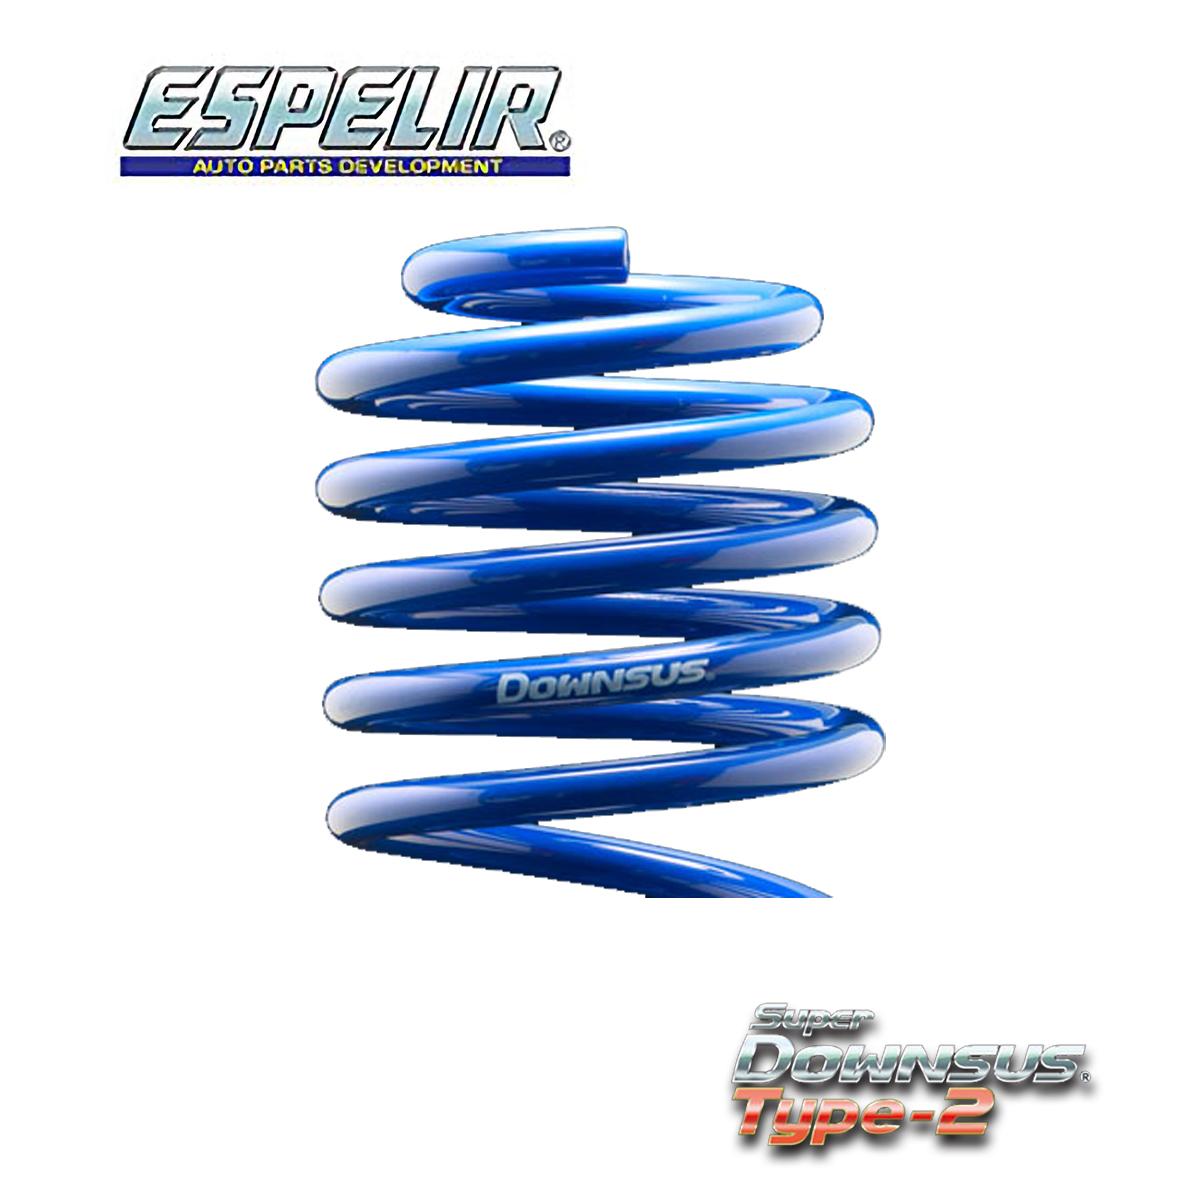 エスペリア レクサス AYZ15 NX 300h Fスポーツ スプリング ダウンサス フロント ESX-2464F スーパーダウンサス タイプ2 Super DOWNSUS Type-2 ESPELIR